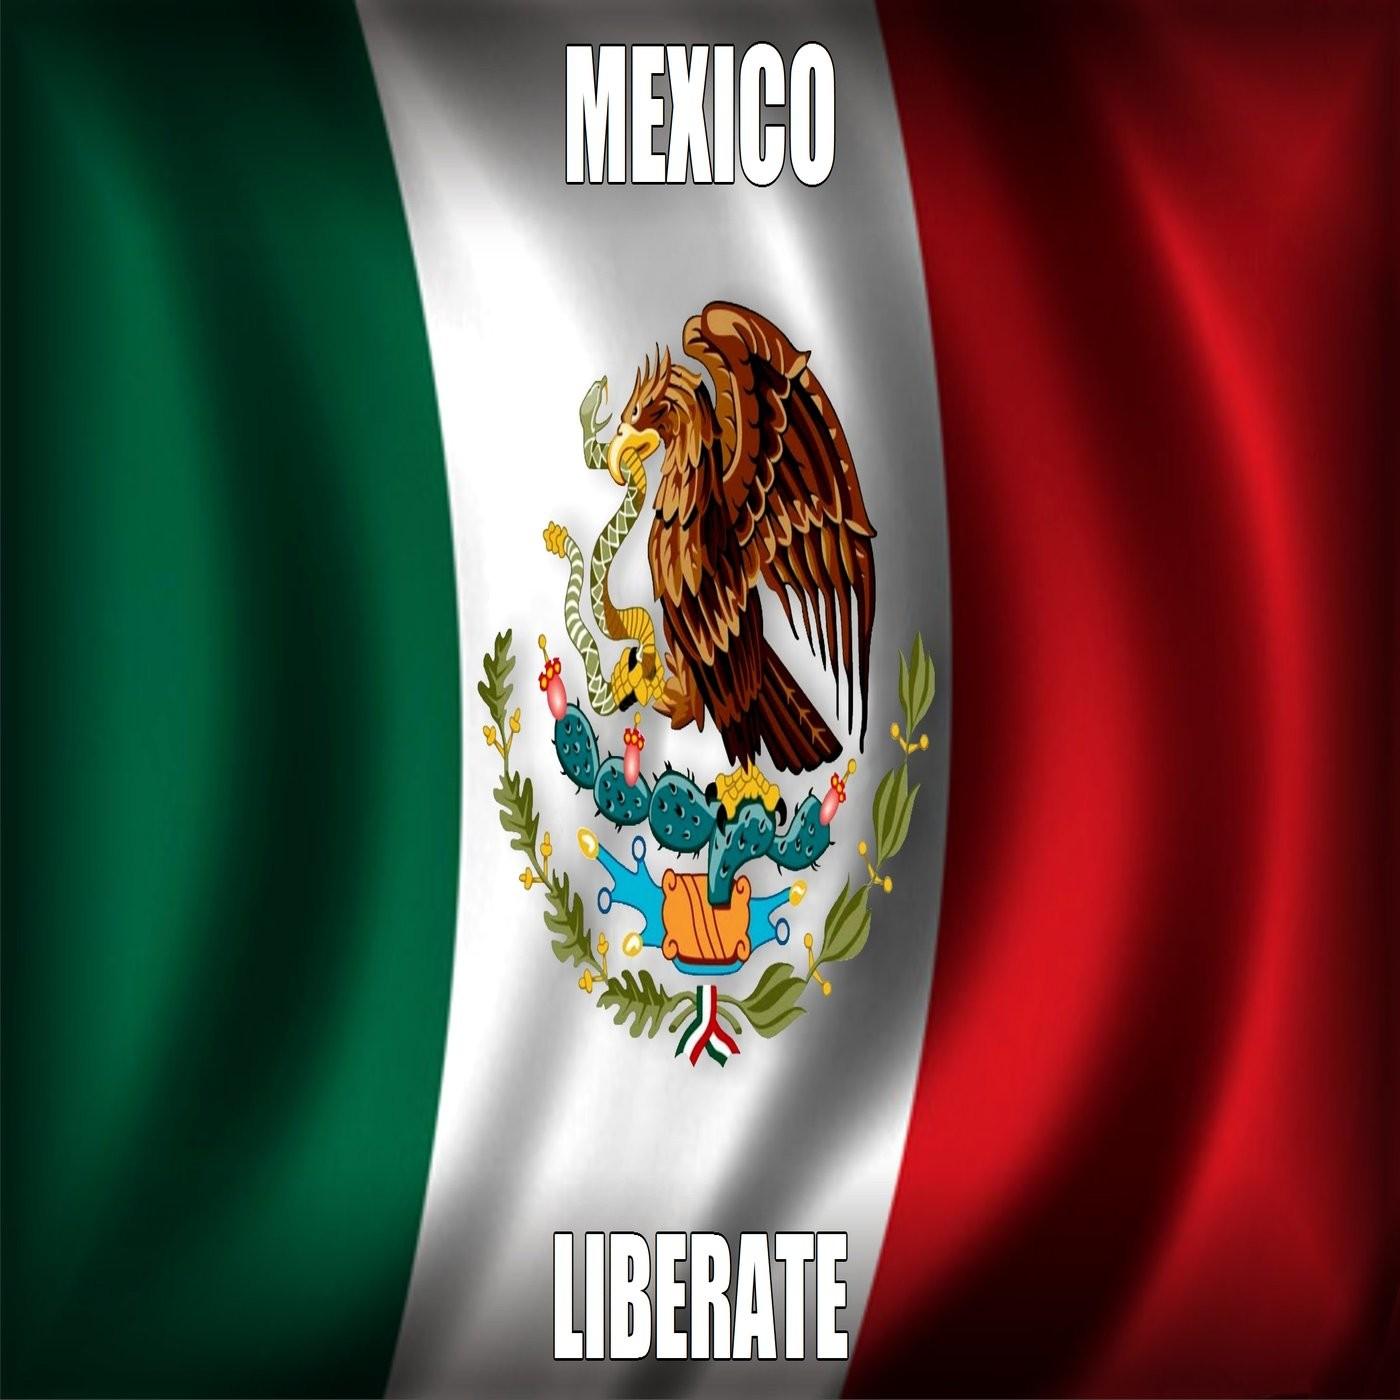 Mexico Liberate